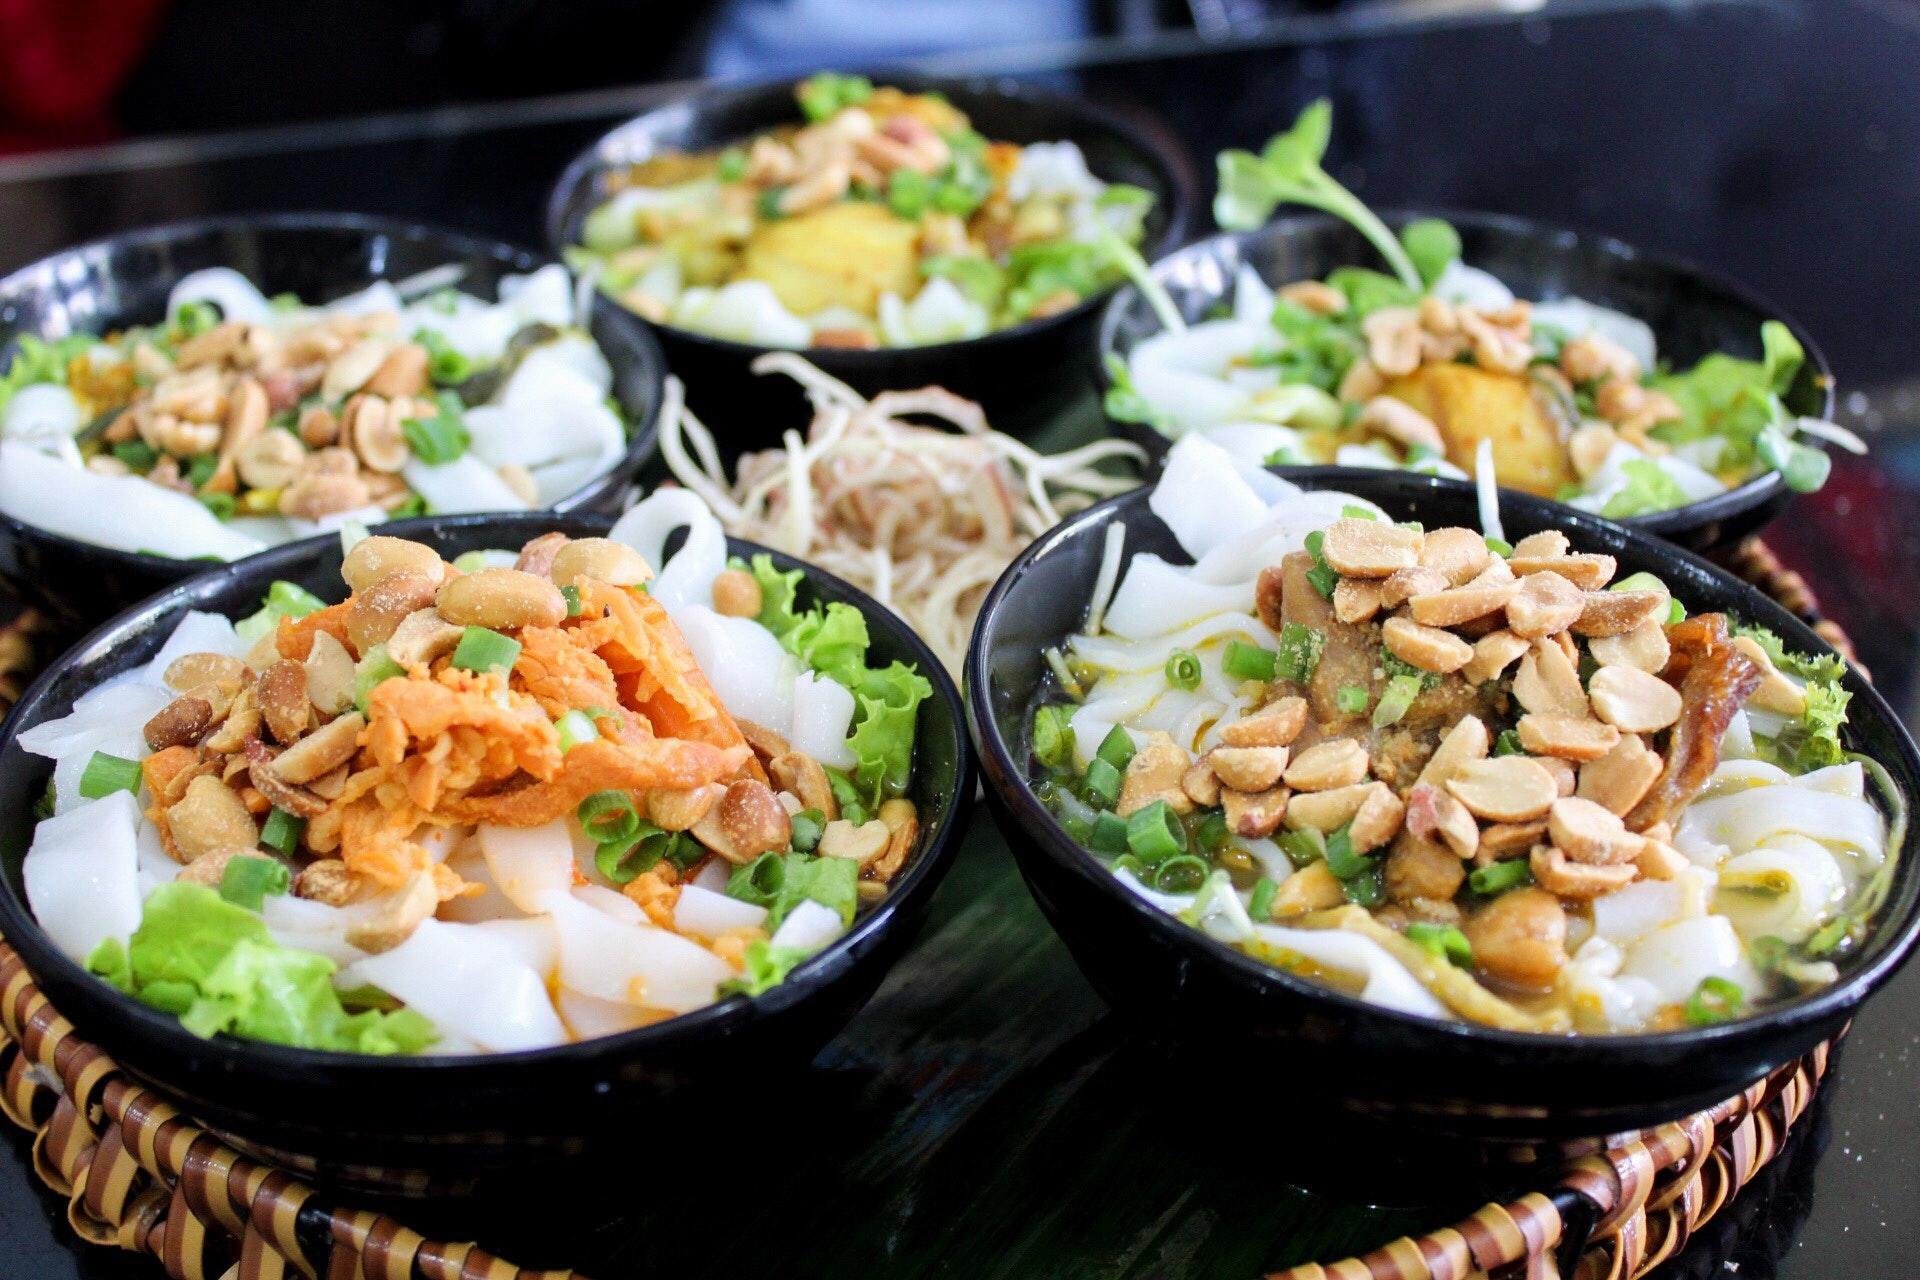 ハノイのおすすめベトナム料理レストランまとめ|地区別に紹介